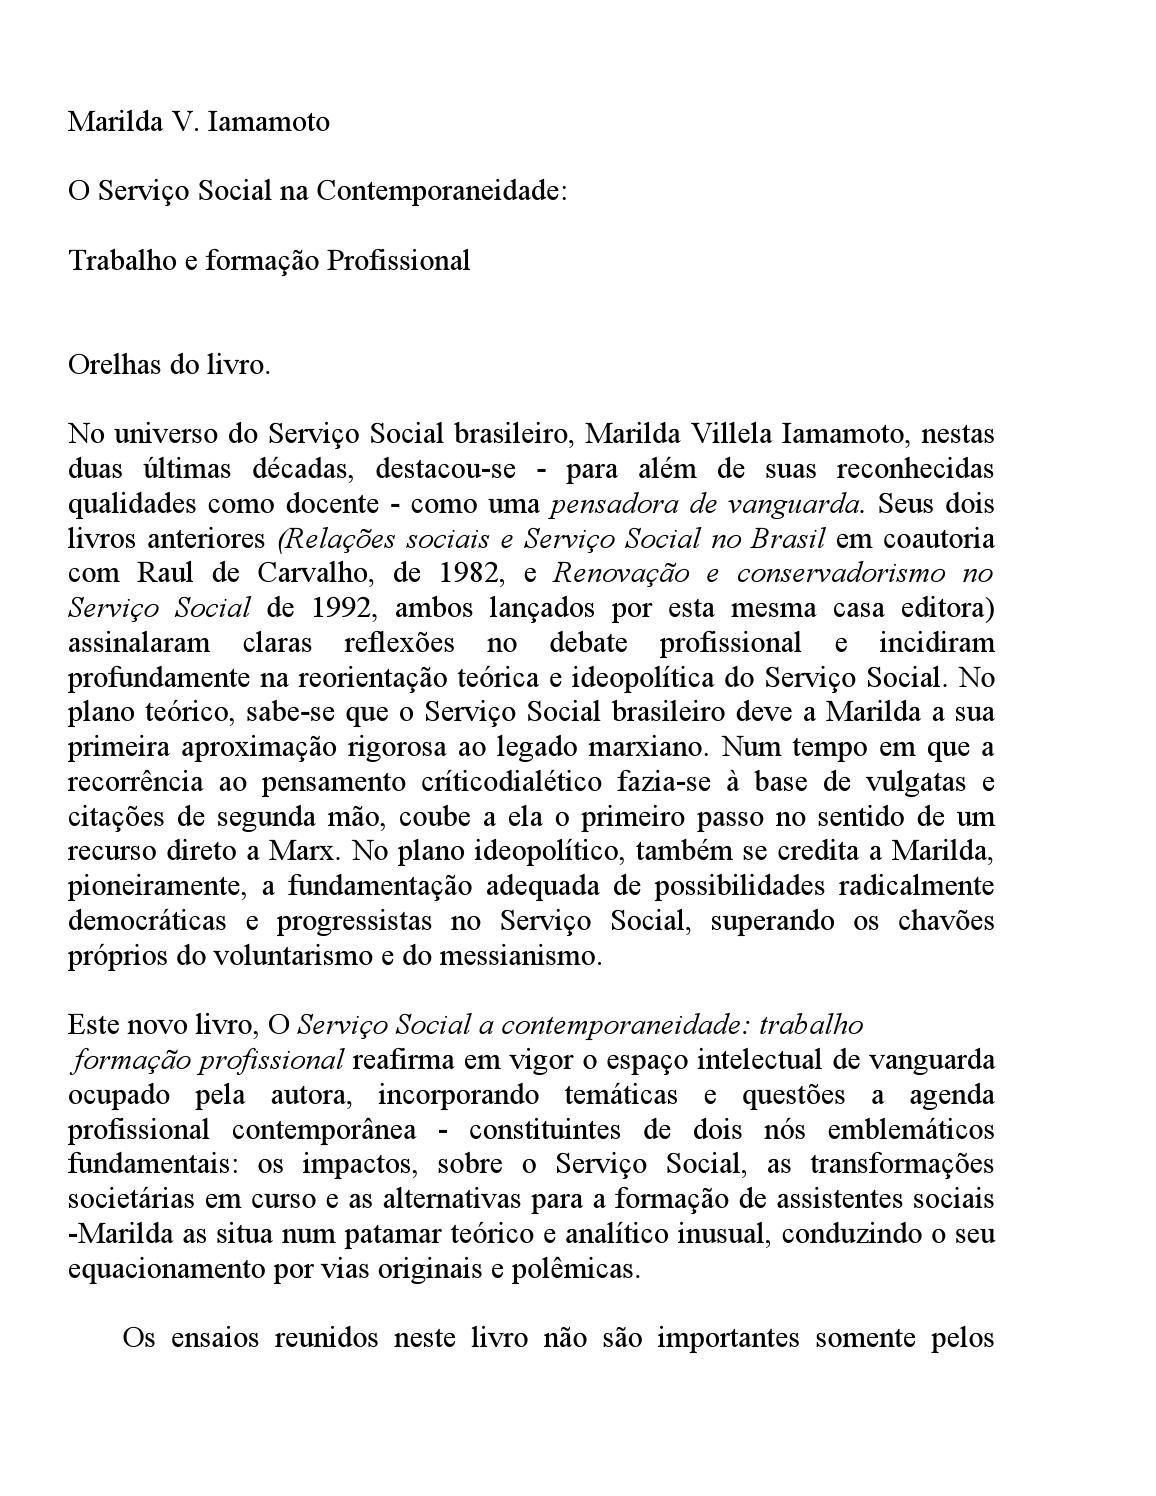 Tag Fichamento Do Livro O Serviço Social Na Contemporaneidade Iamamoto